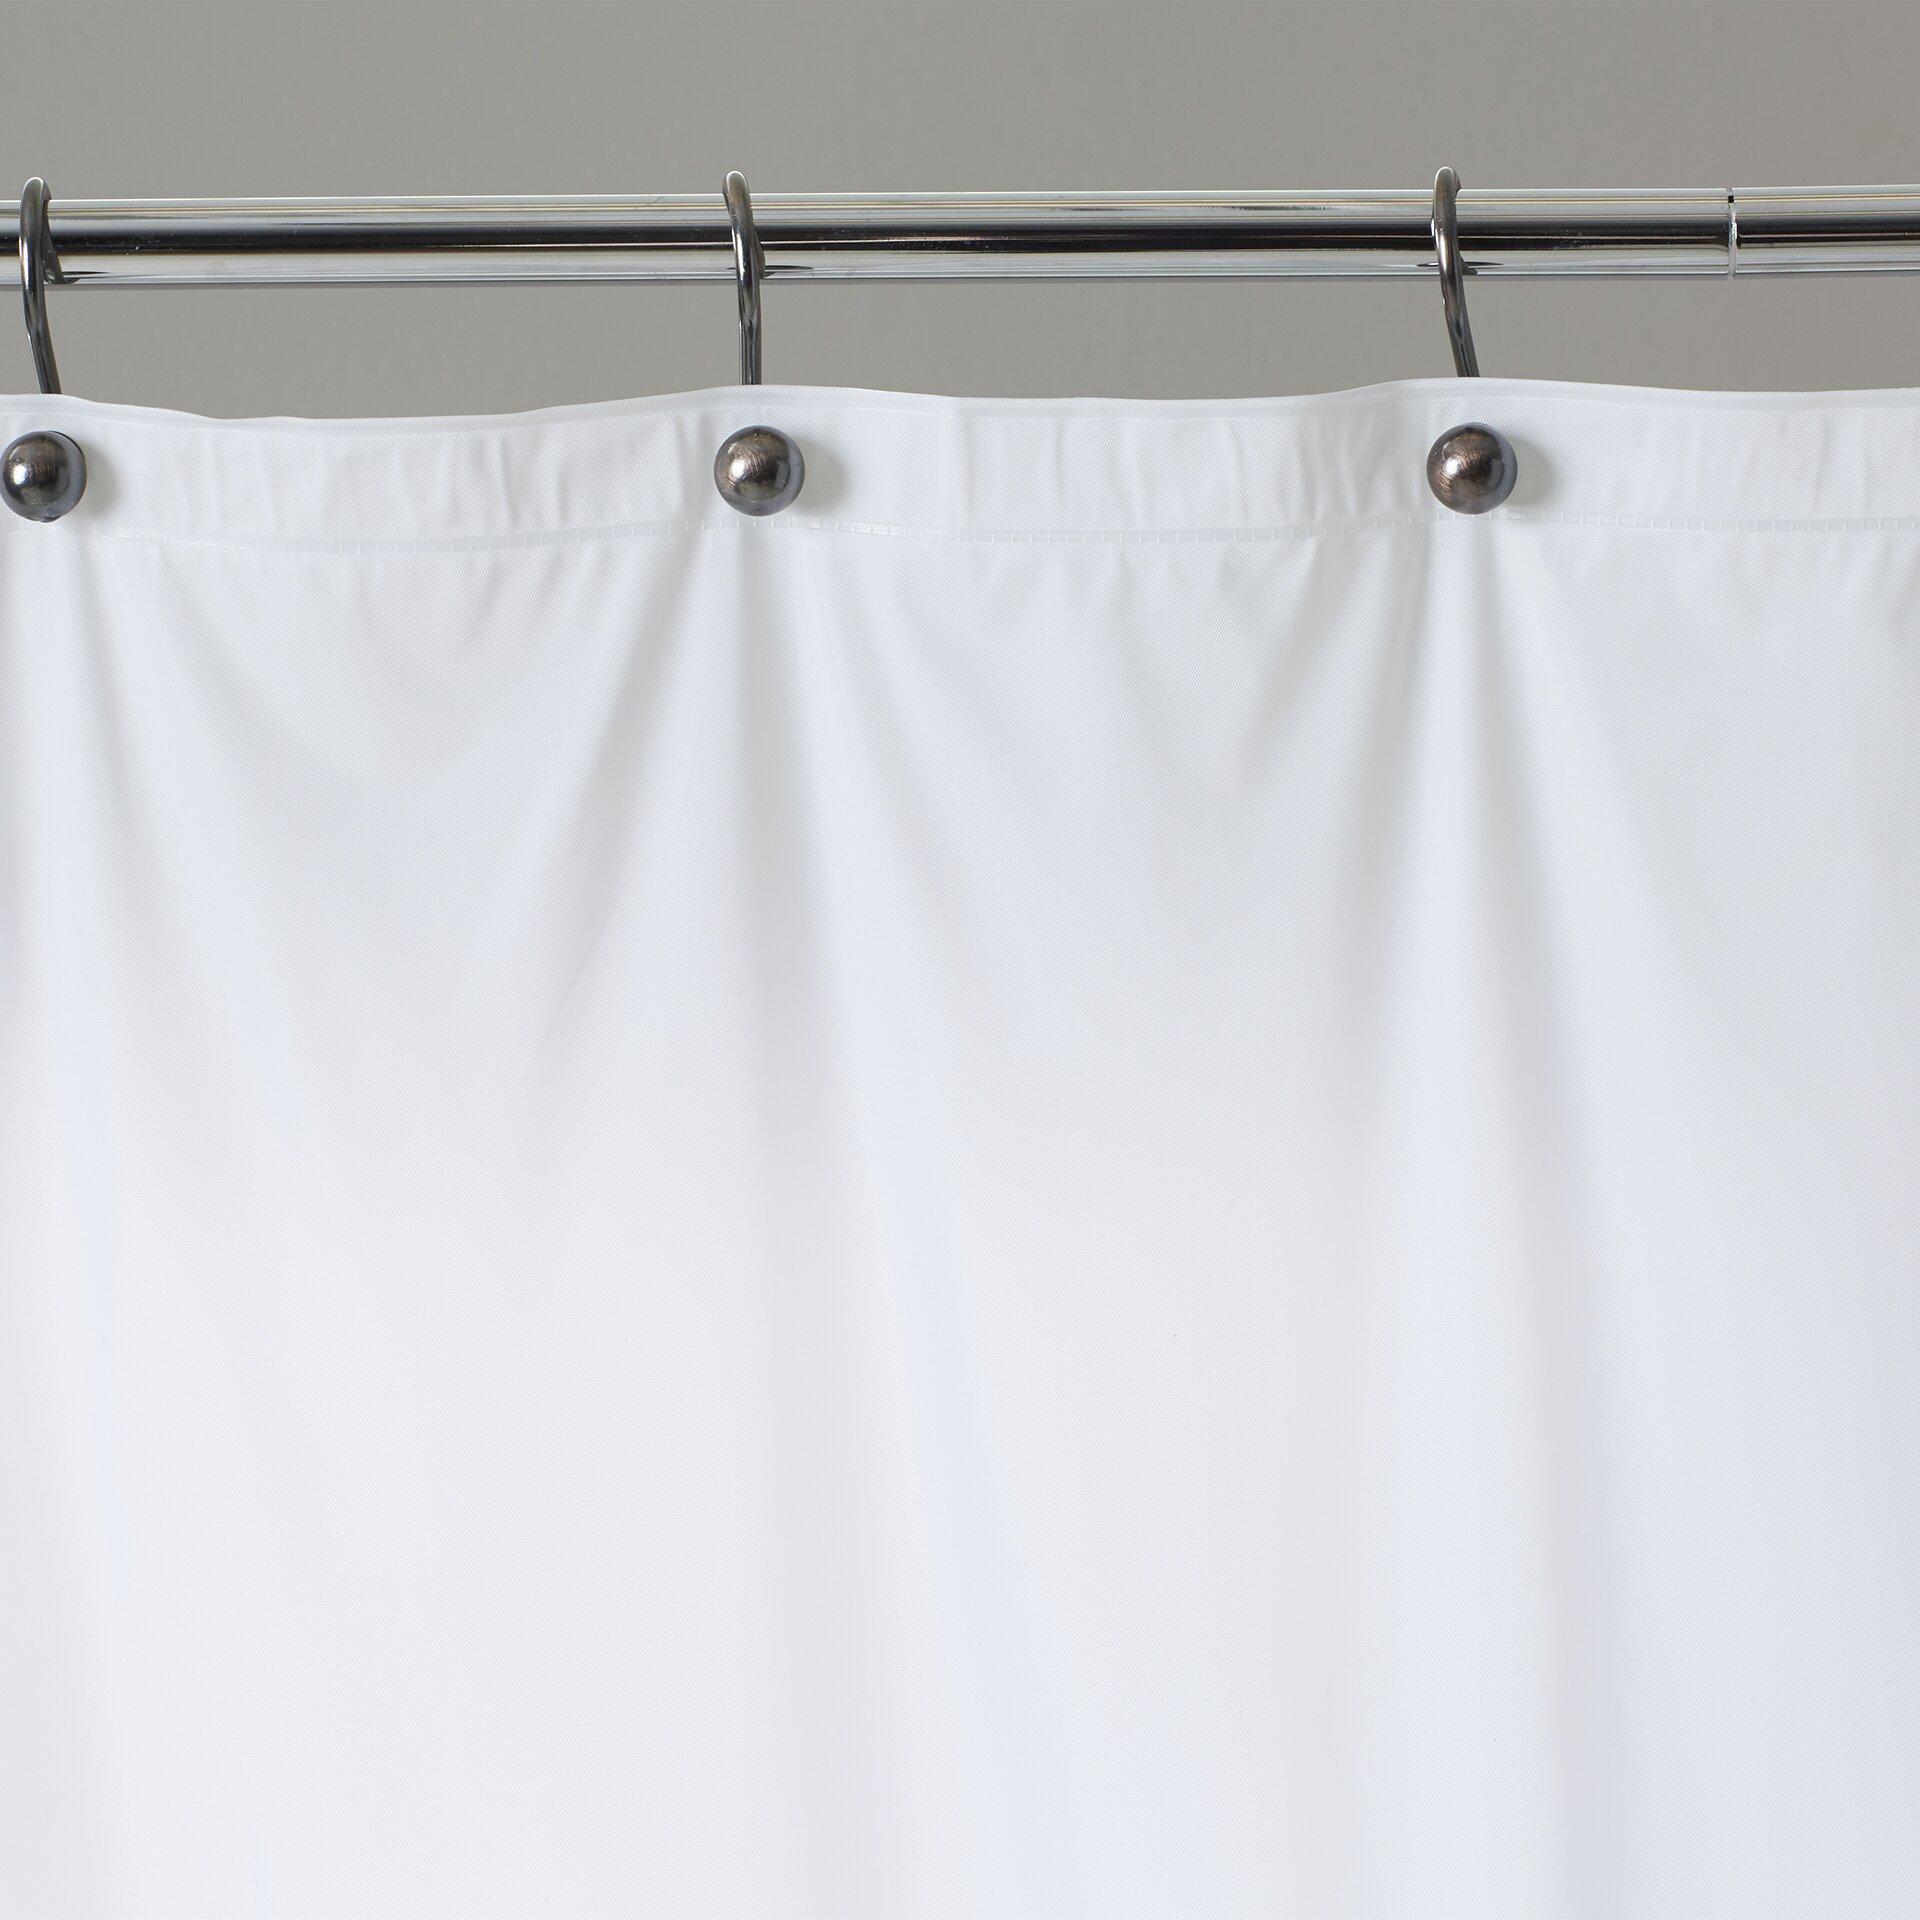 Shower Curtain Liner Vinyl Medium Weight Vinyl Shower Curtain Liner In Beige Bed Heavy Duty